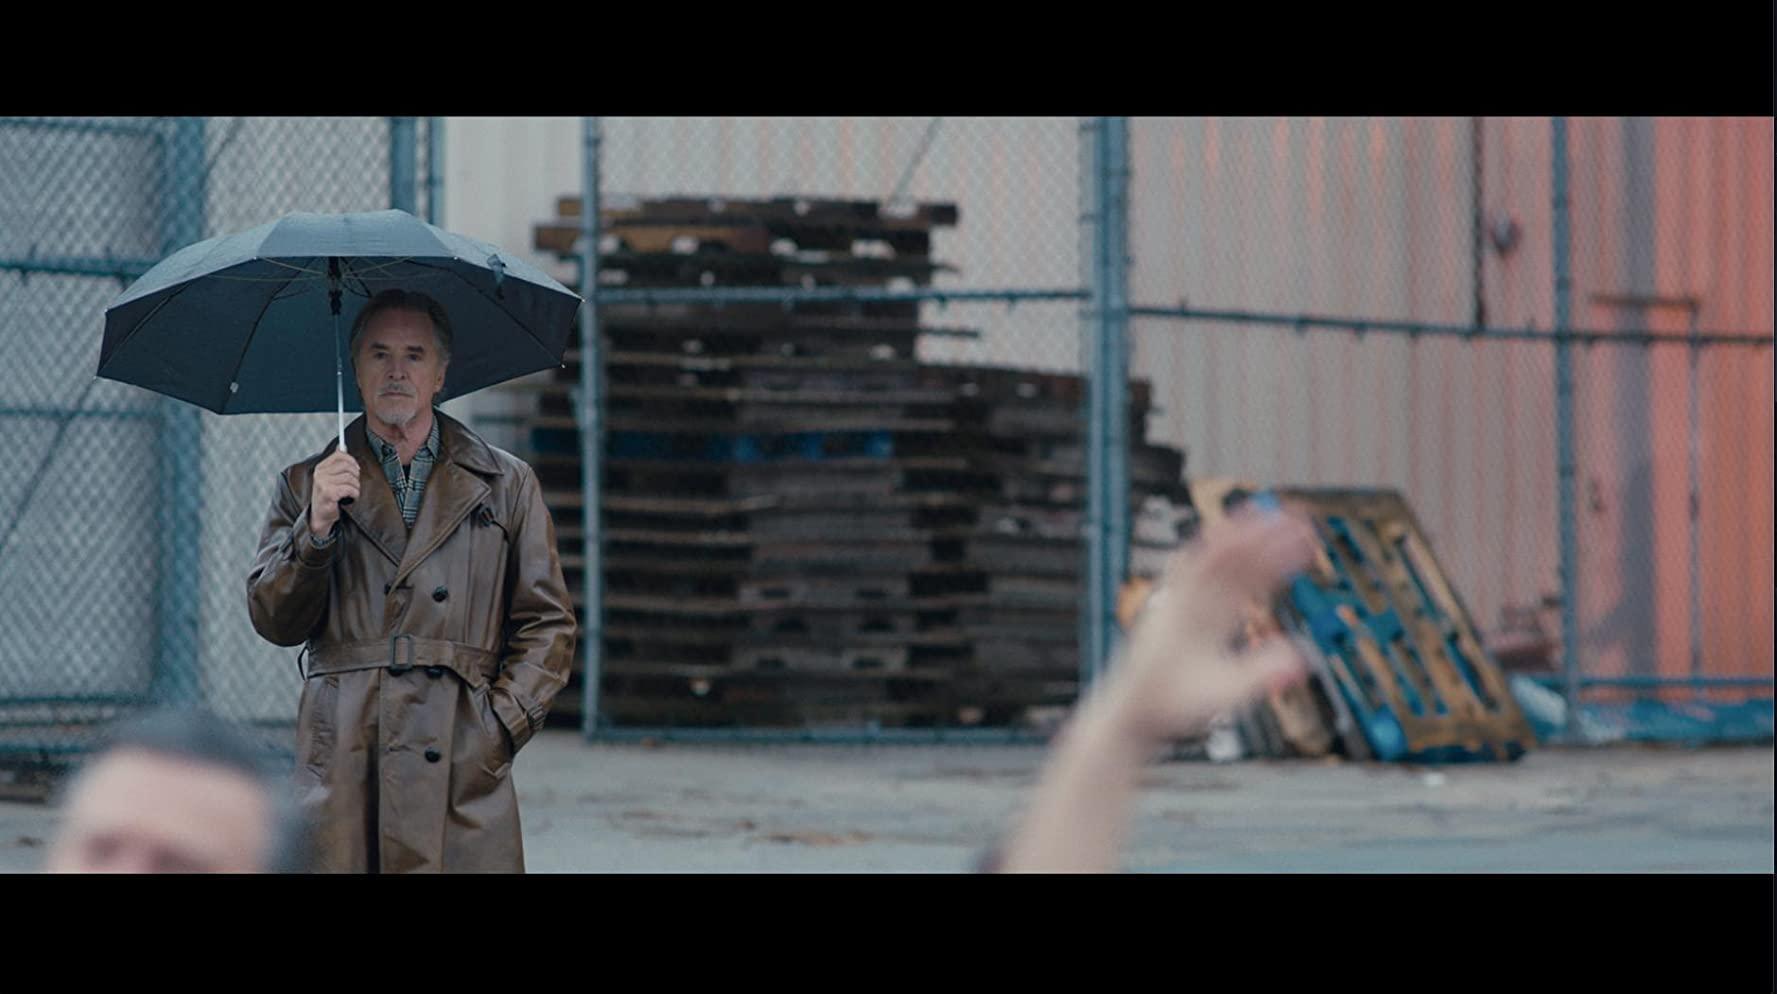 مشاهدة فيلم Vault (2019) مترجم HD اون لاين